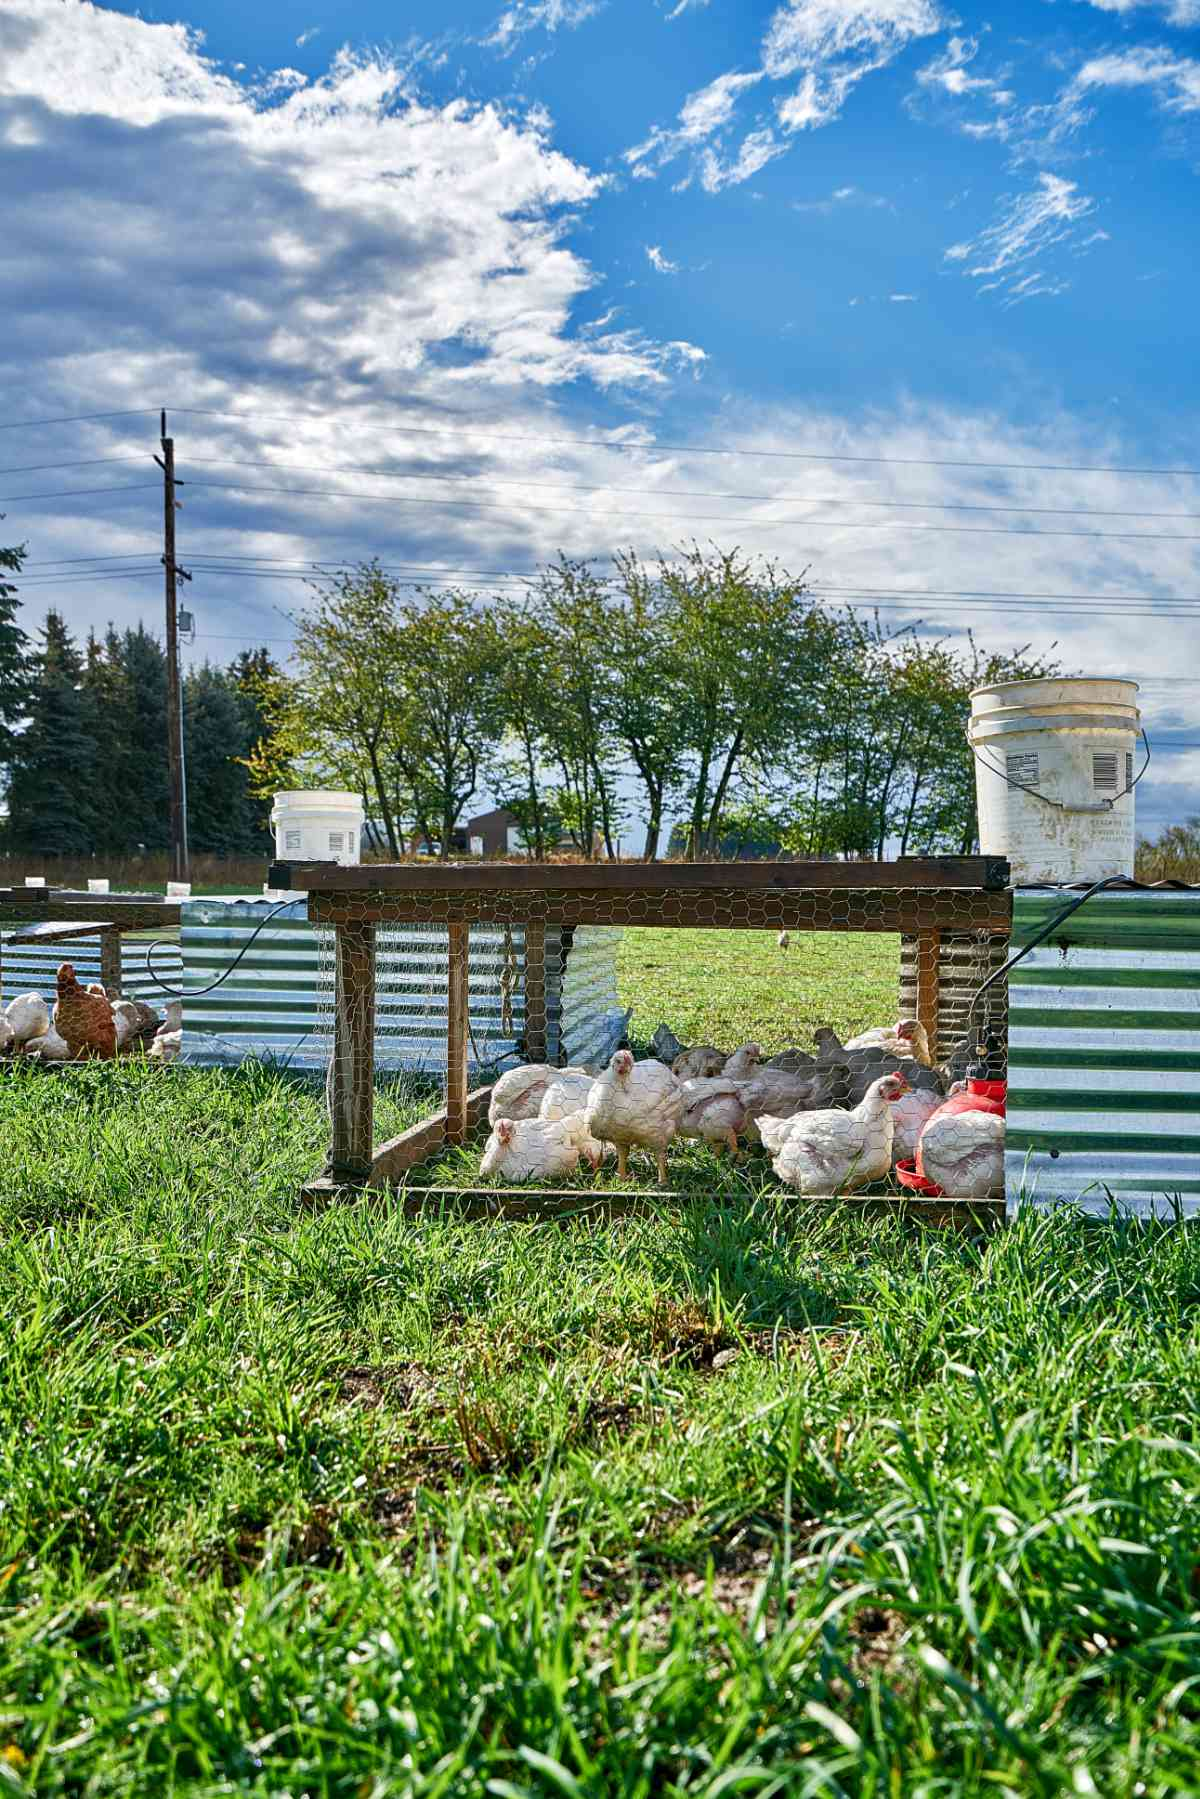 Free range chicken coops.